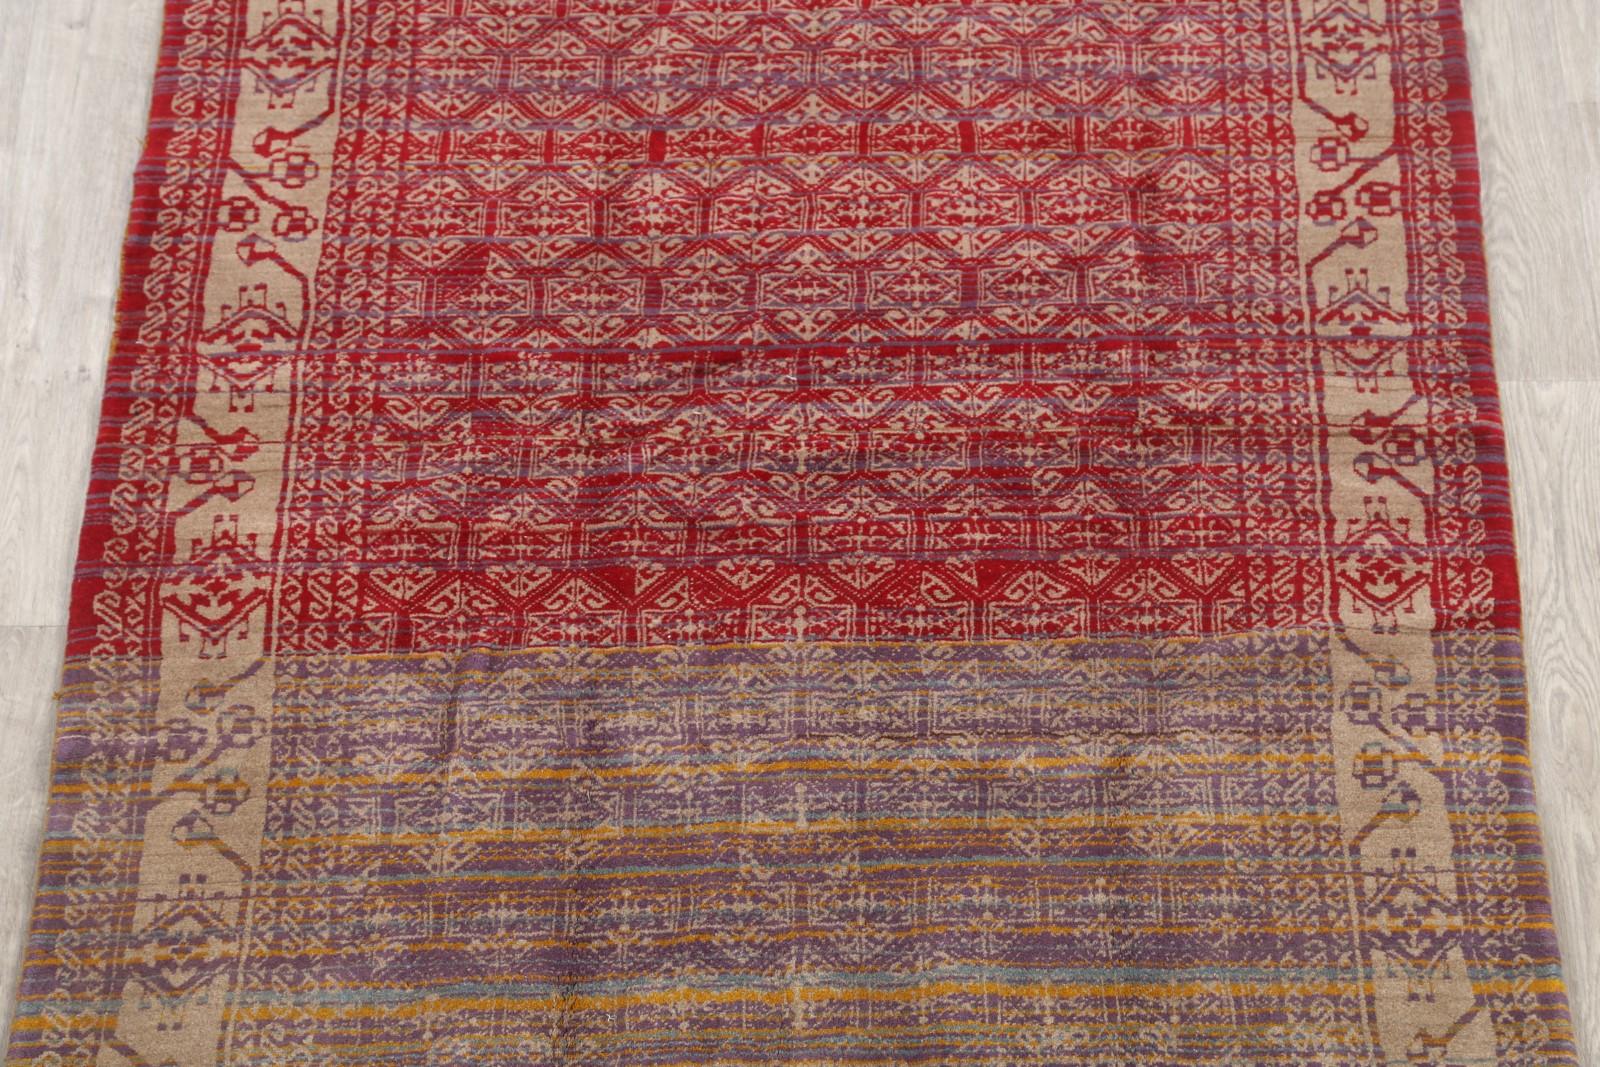 5x7 Modern Persian Area Rug